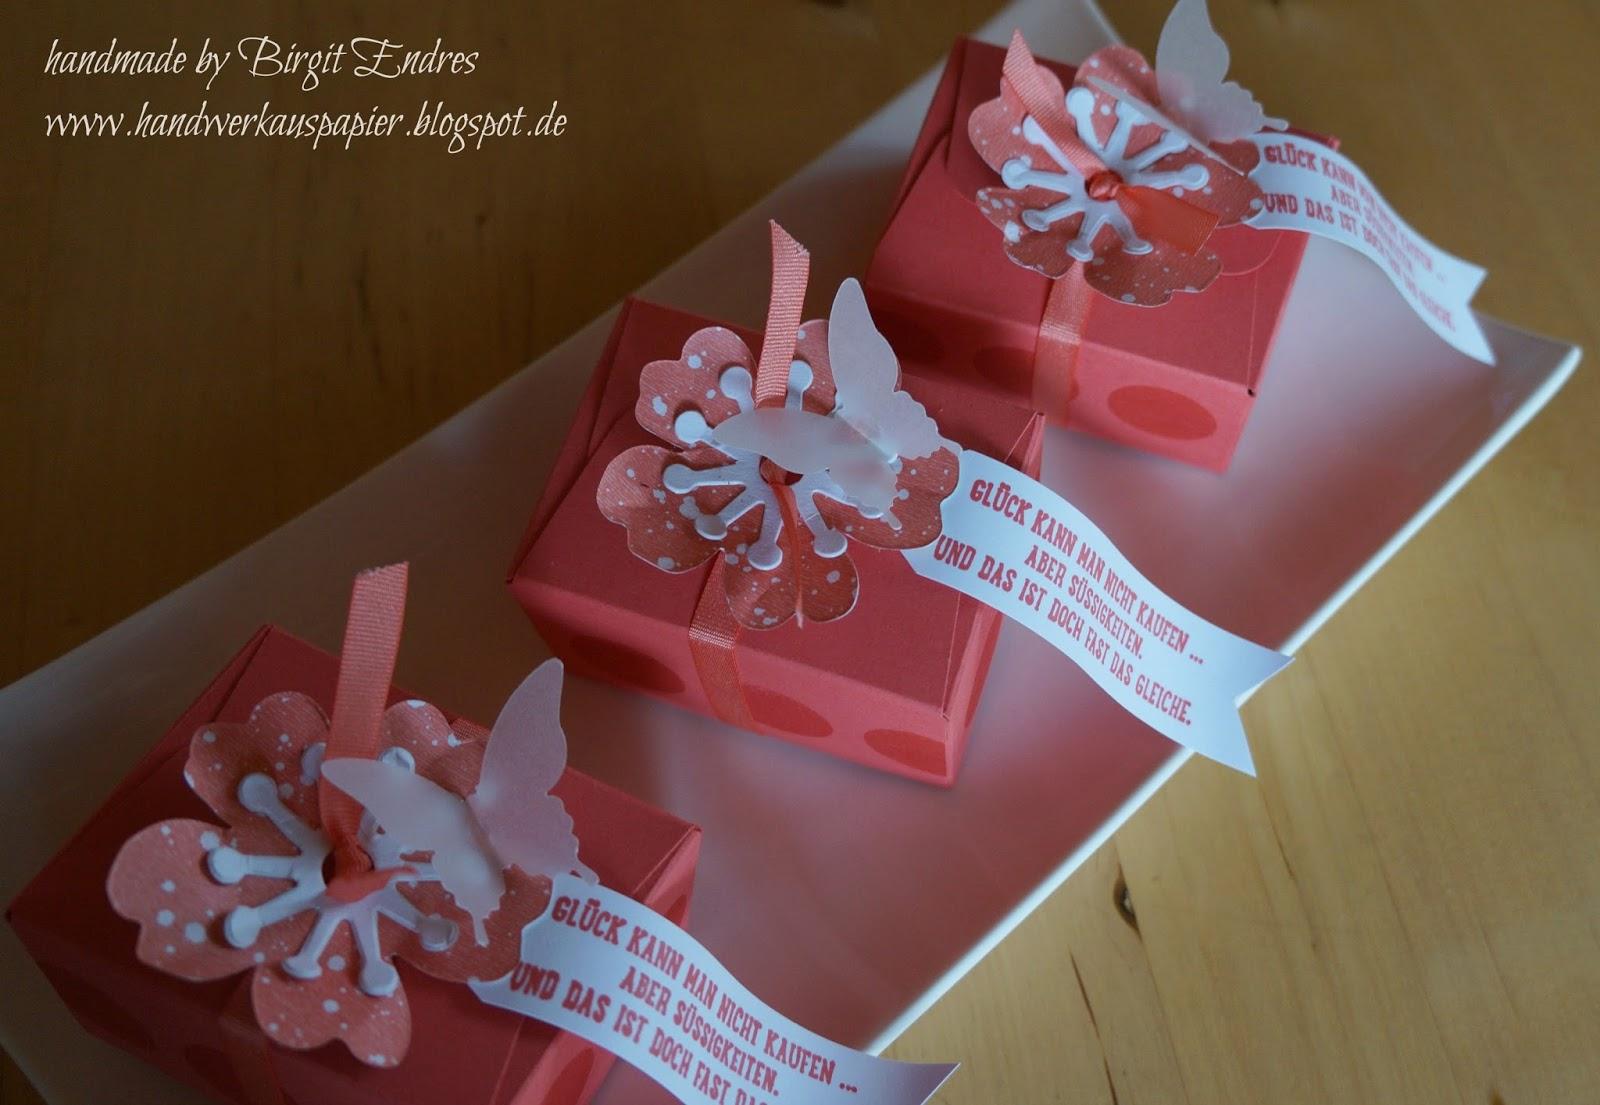 Geburtstagswünsche Handwerker